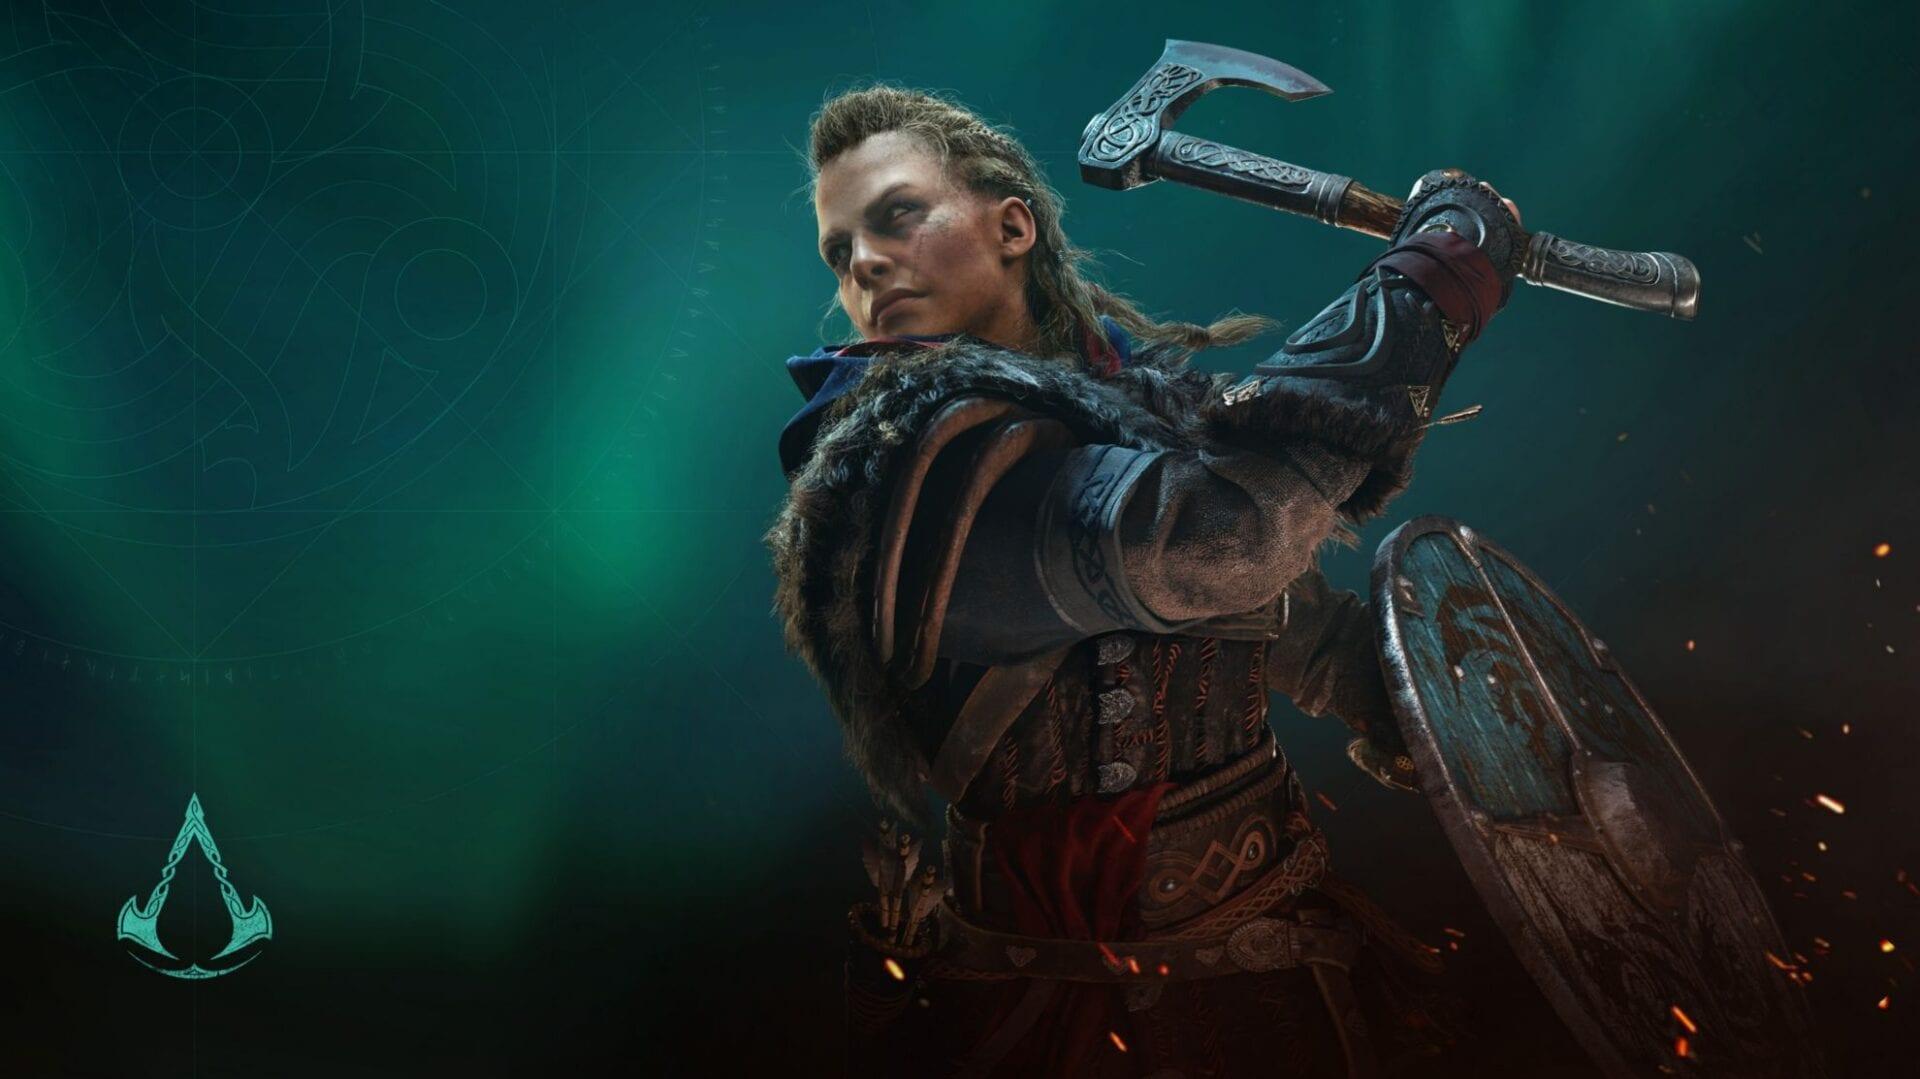 Assassin's Creed Valhalla revela los requisitos del sistema de PC, conoce cuales son